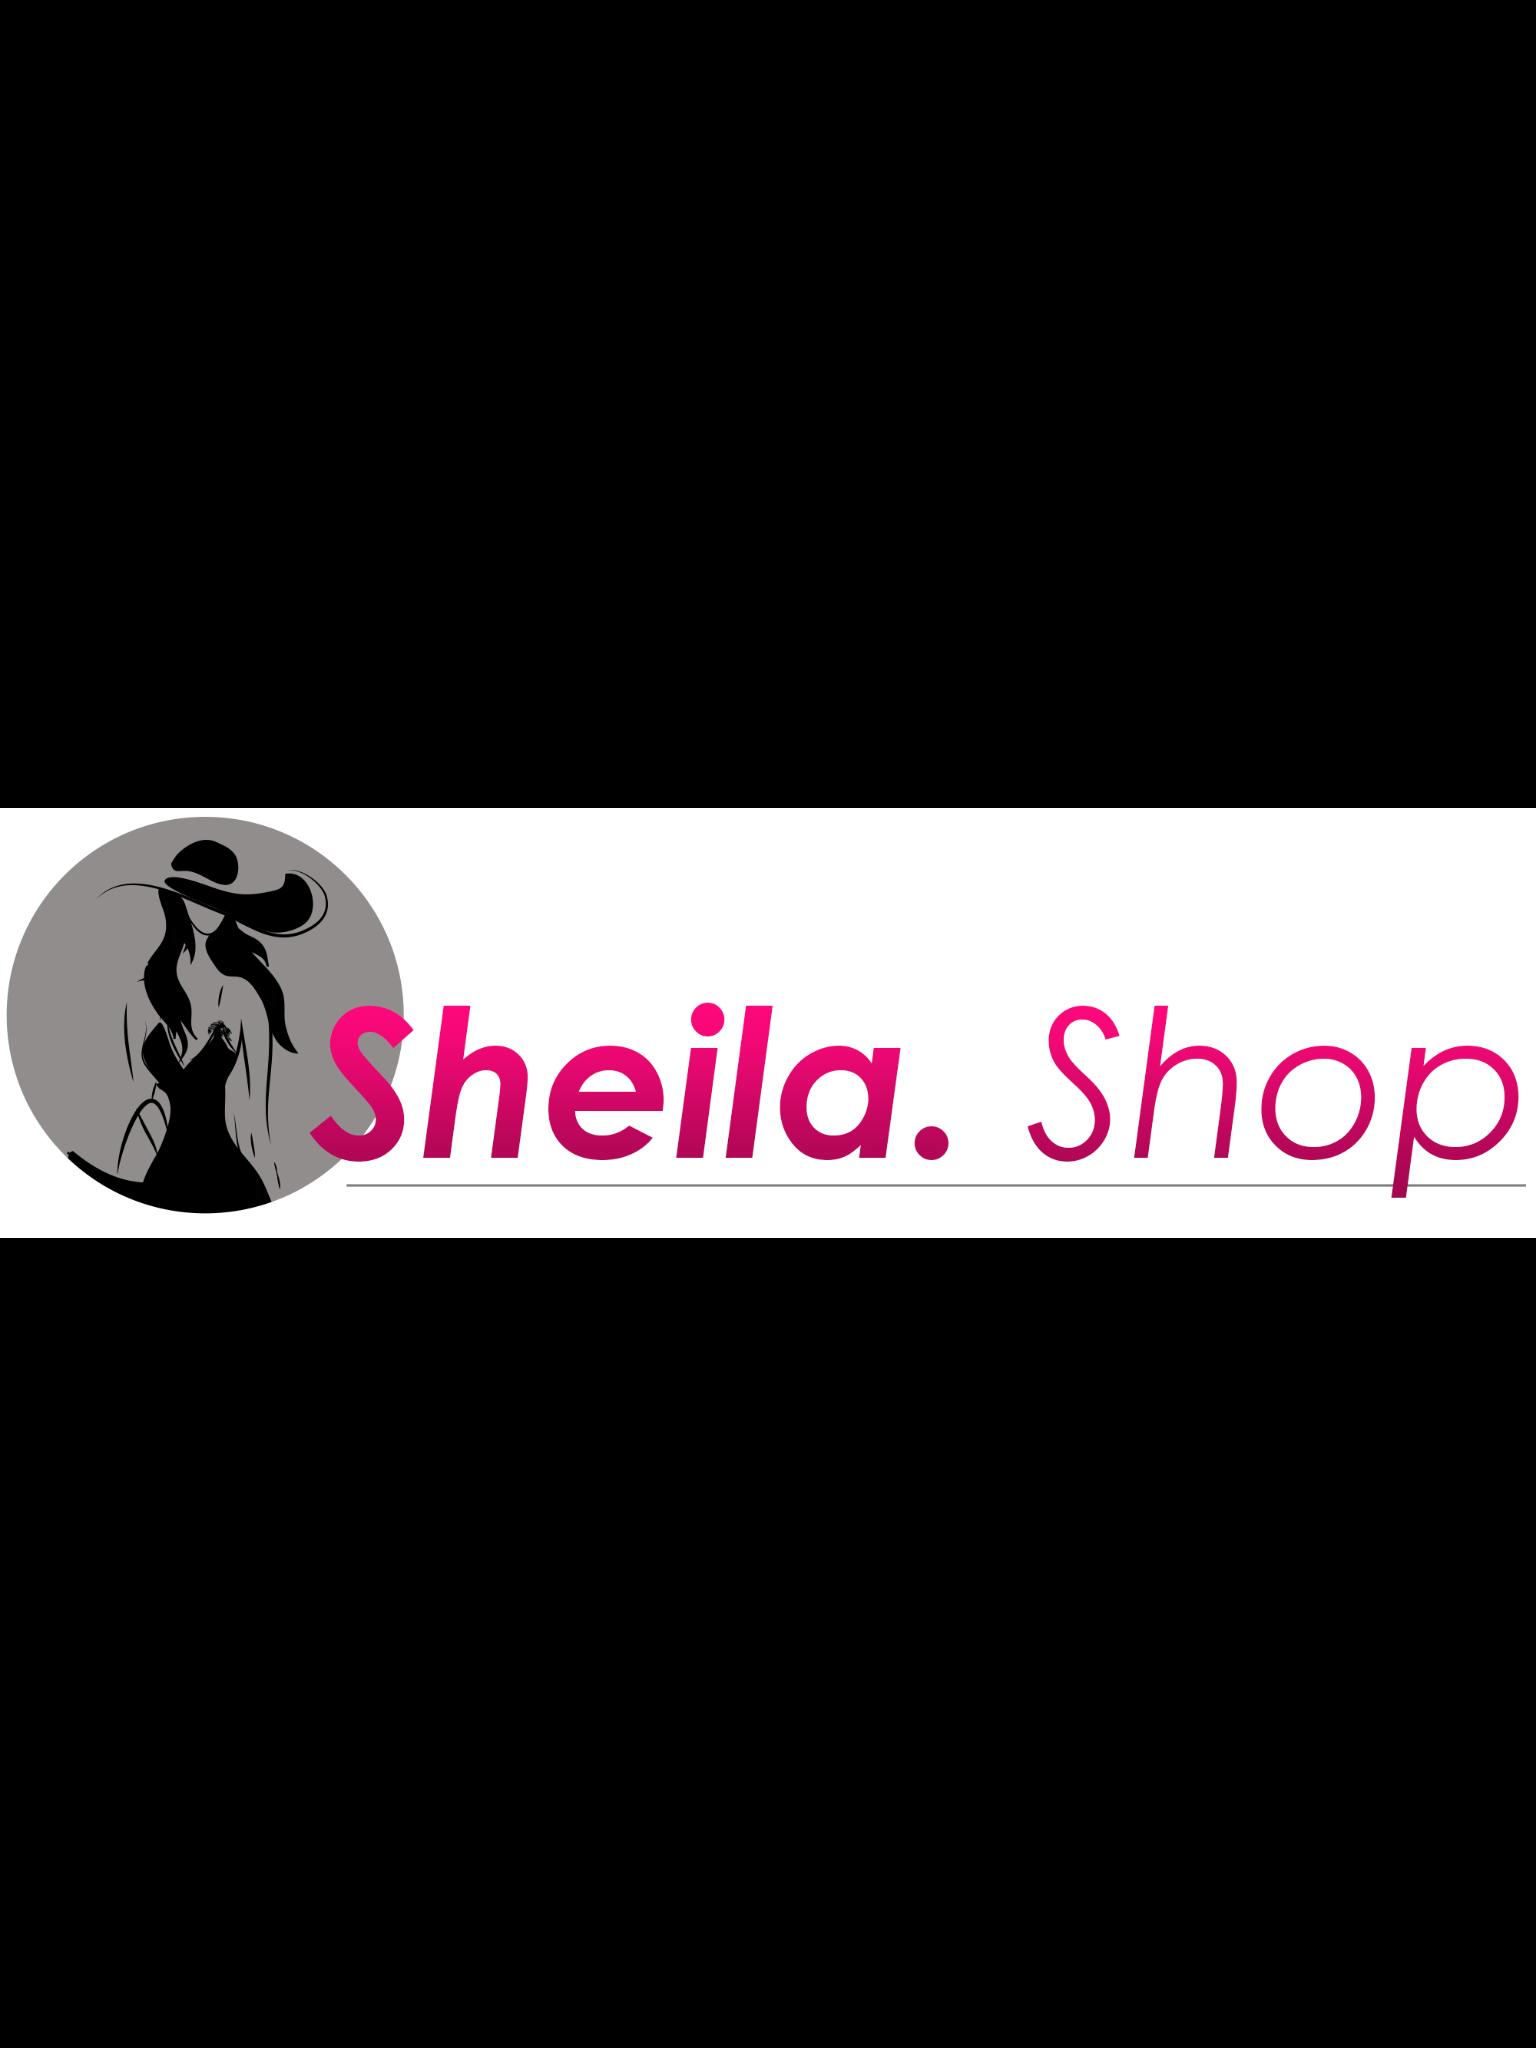 Sheila Shop